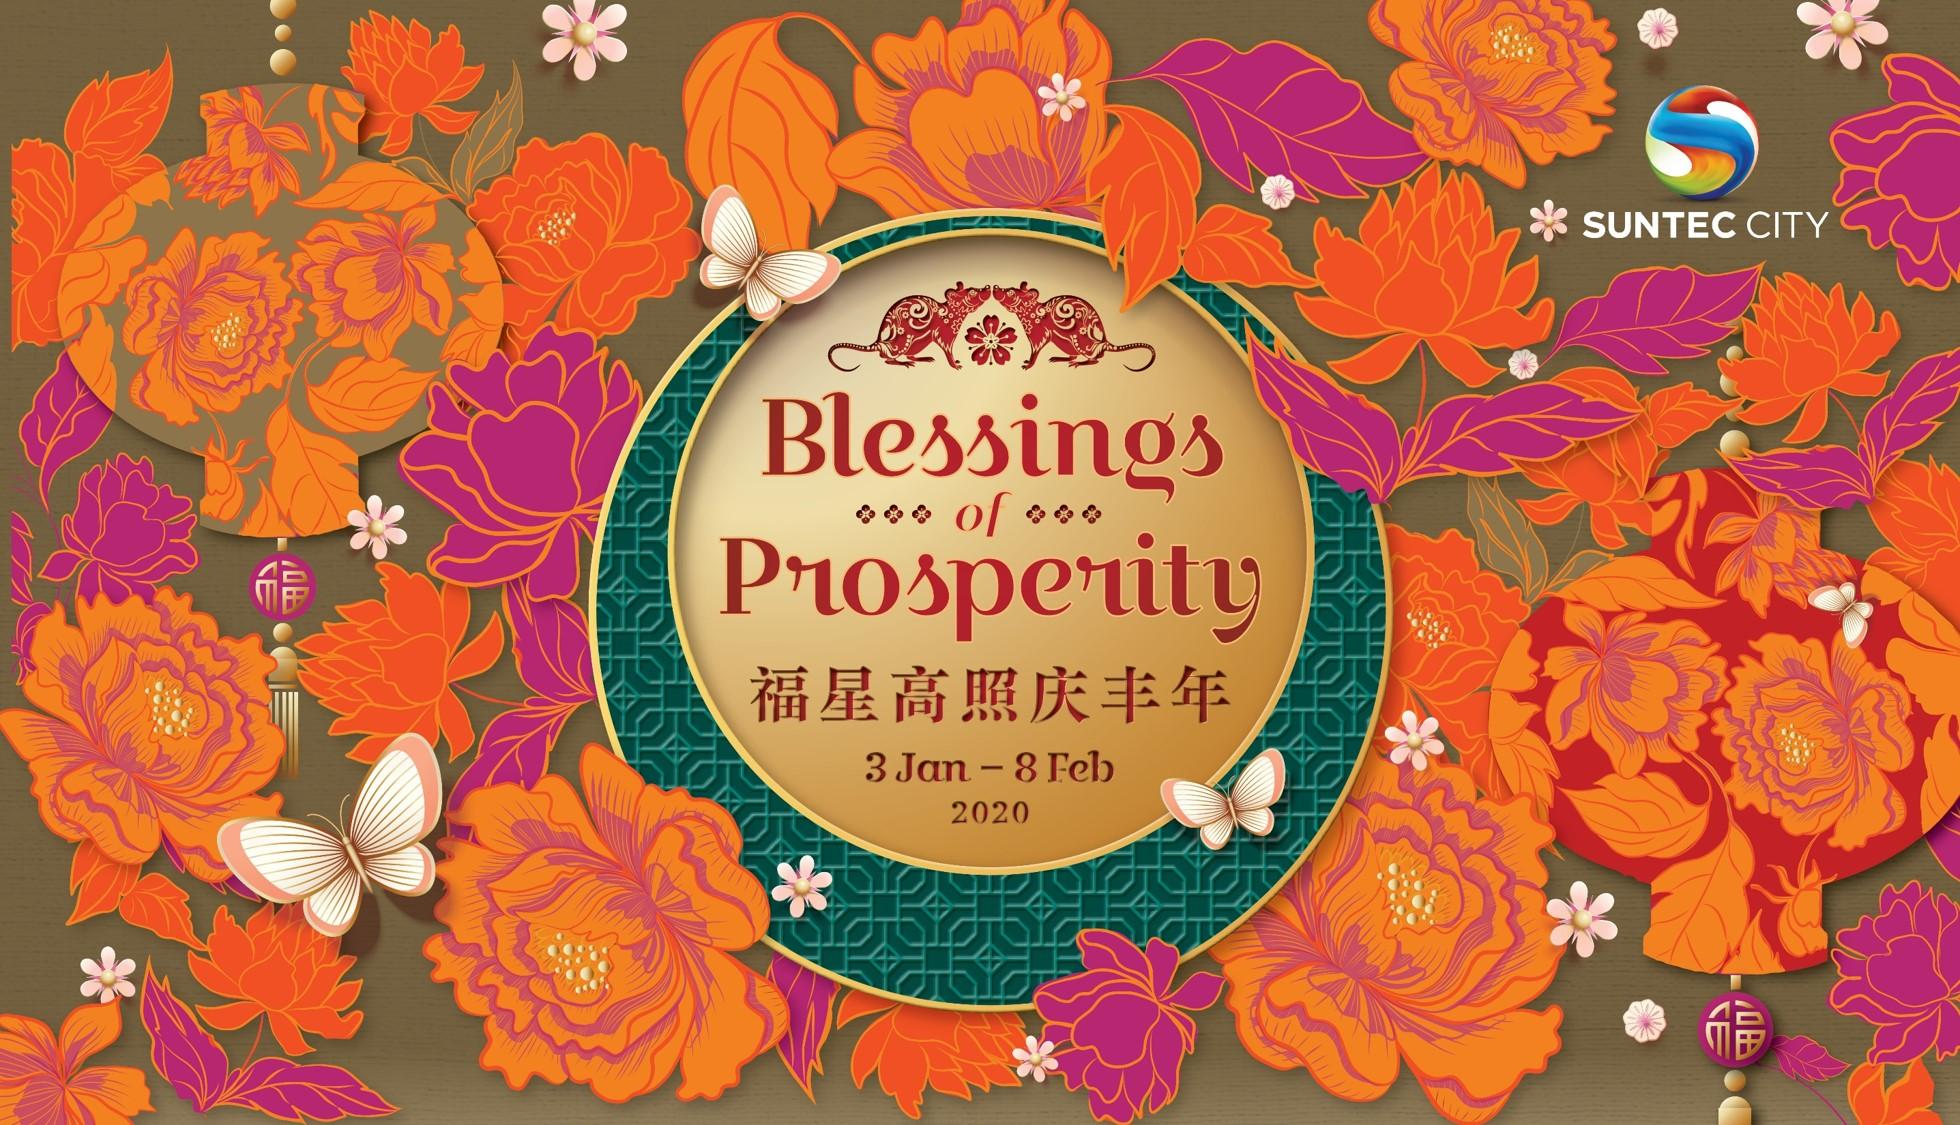 Blessings of Prosperity